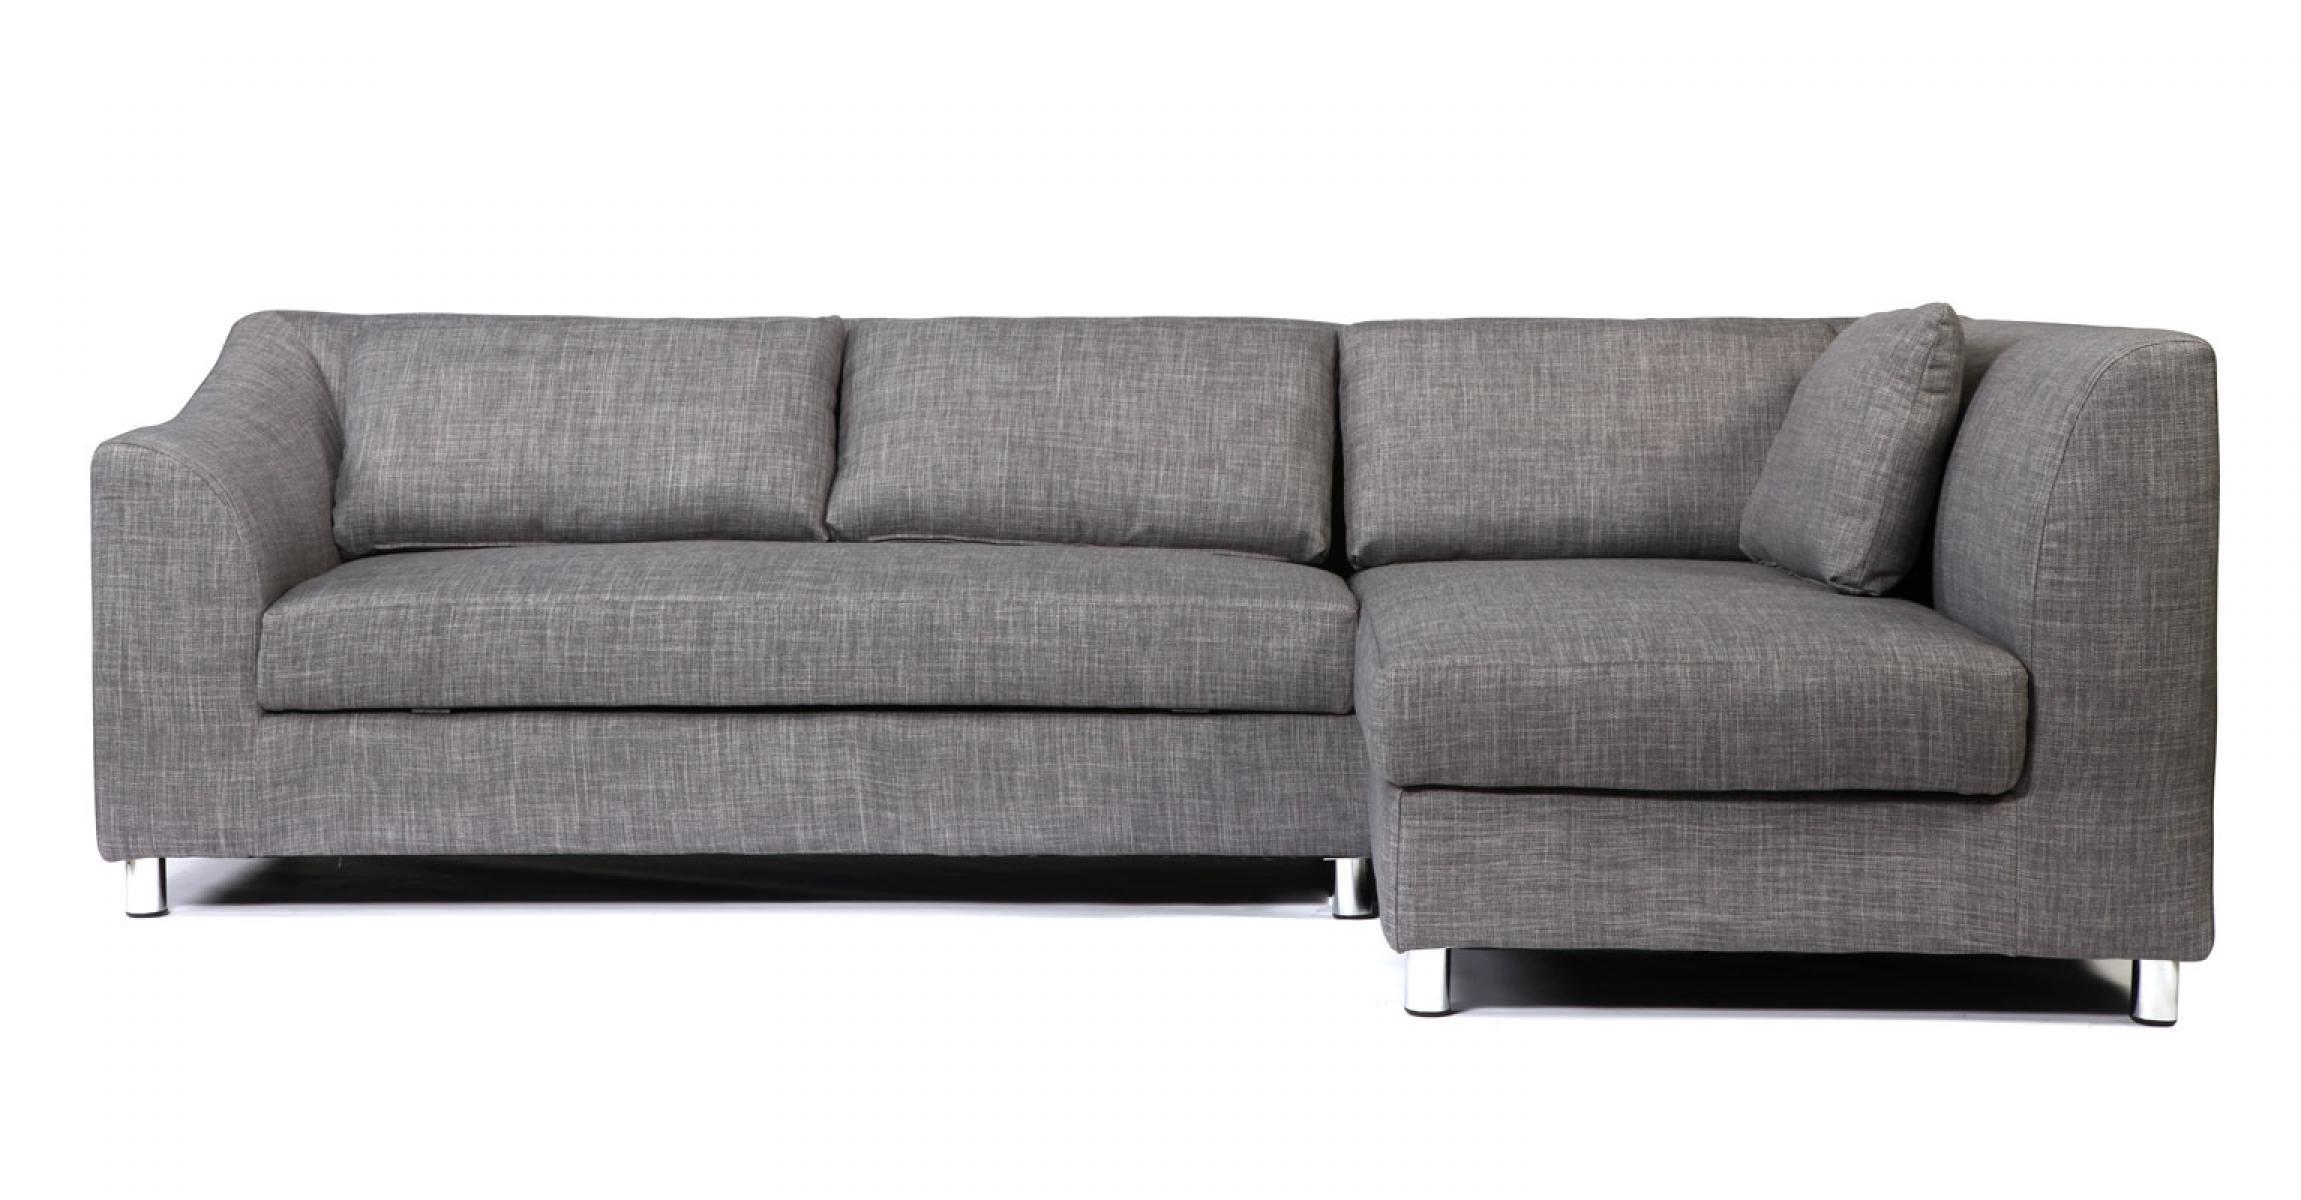 photos canap d 39 angle convertible design gris et noir iowa. Black Bedroom Furniture Sets. Home Design Ideas